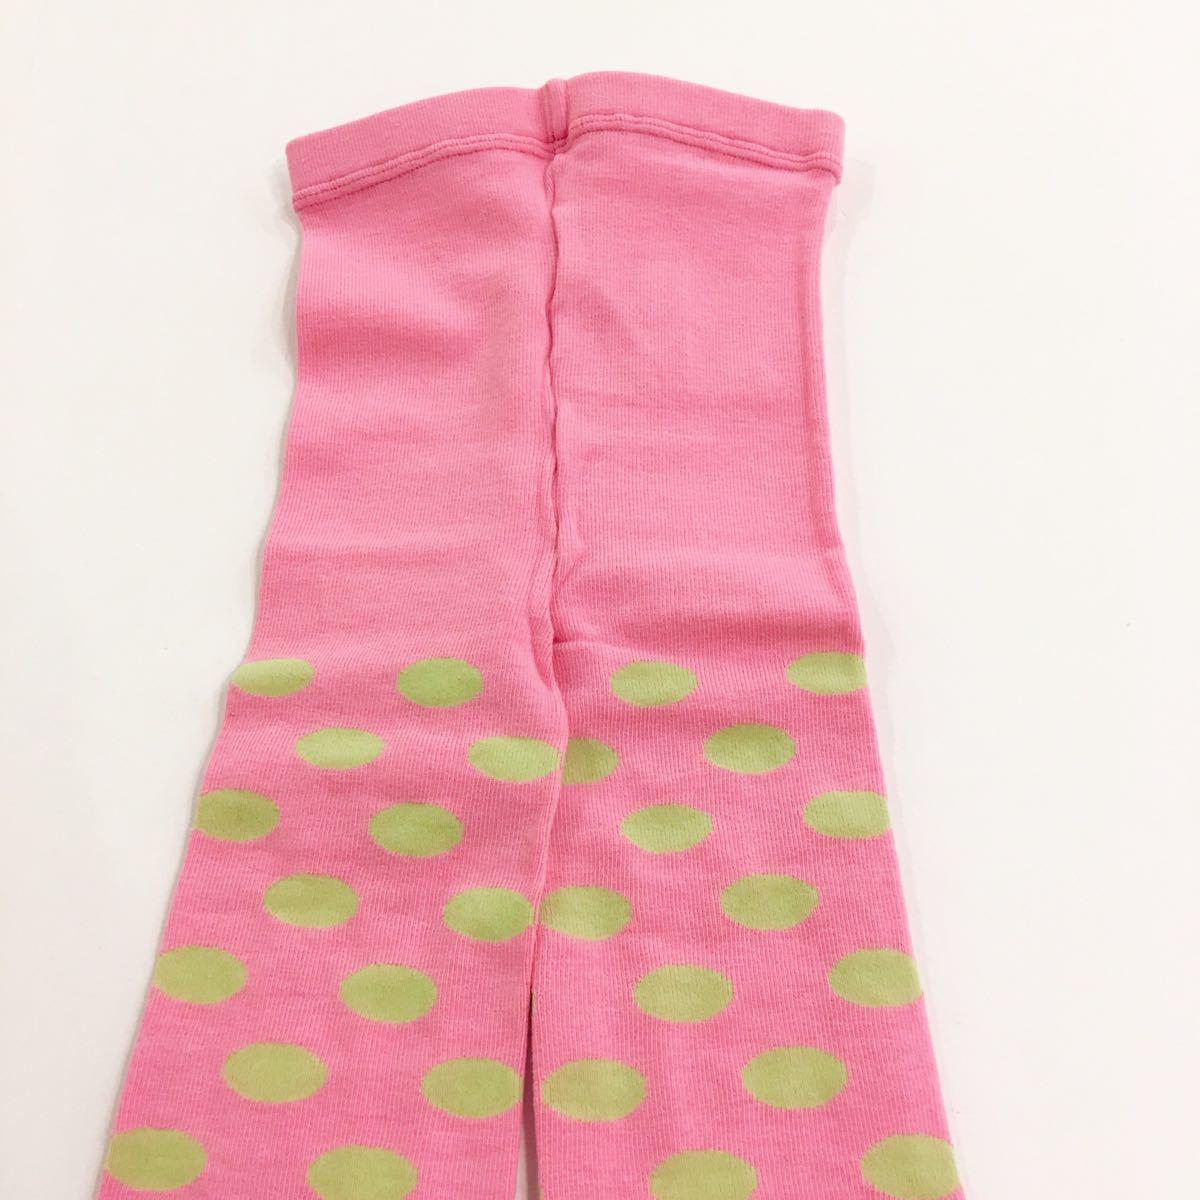 【新品未使用】fafa フェフェ レギンス ピンク 黄緑 ドット ラメ キッズ アメリカン ゆめかわいい Sサイズ 95~110cm_画像3